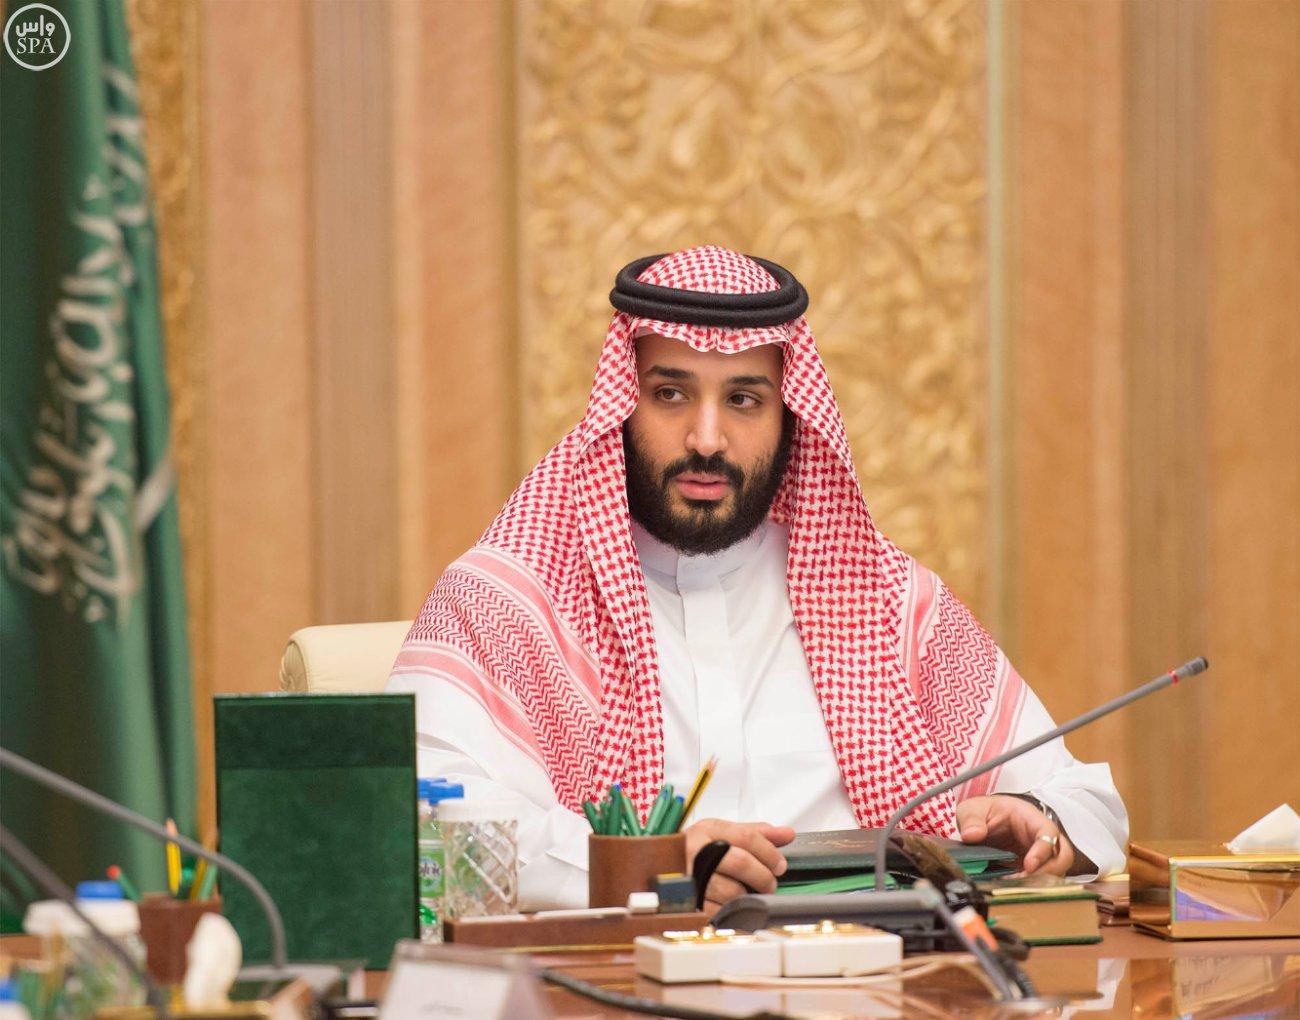 محمد بن سلمان: أصرف 51% من دخلي على الناس و49% على نفسي